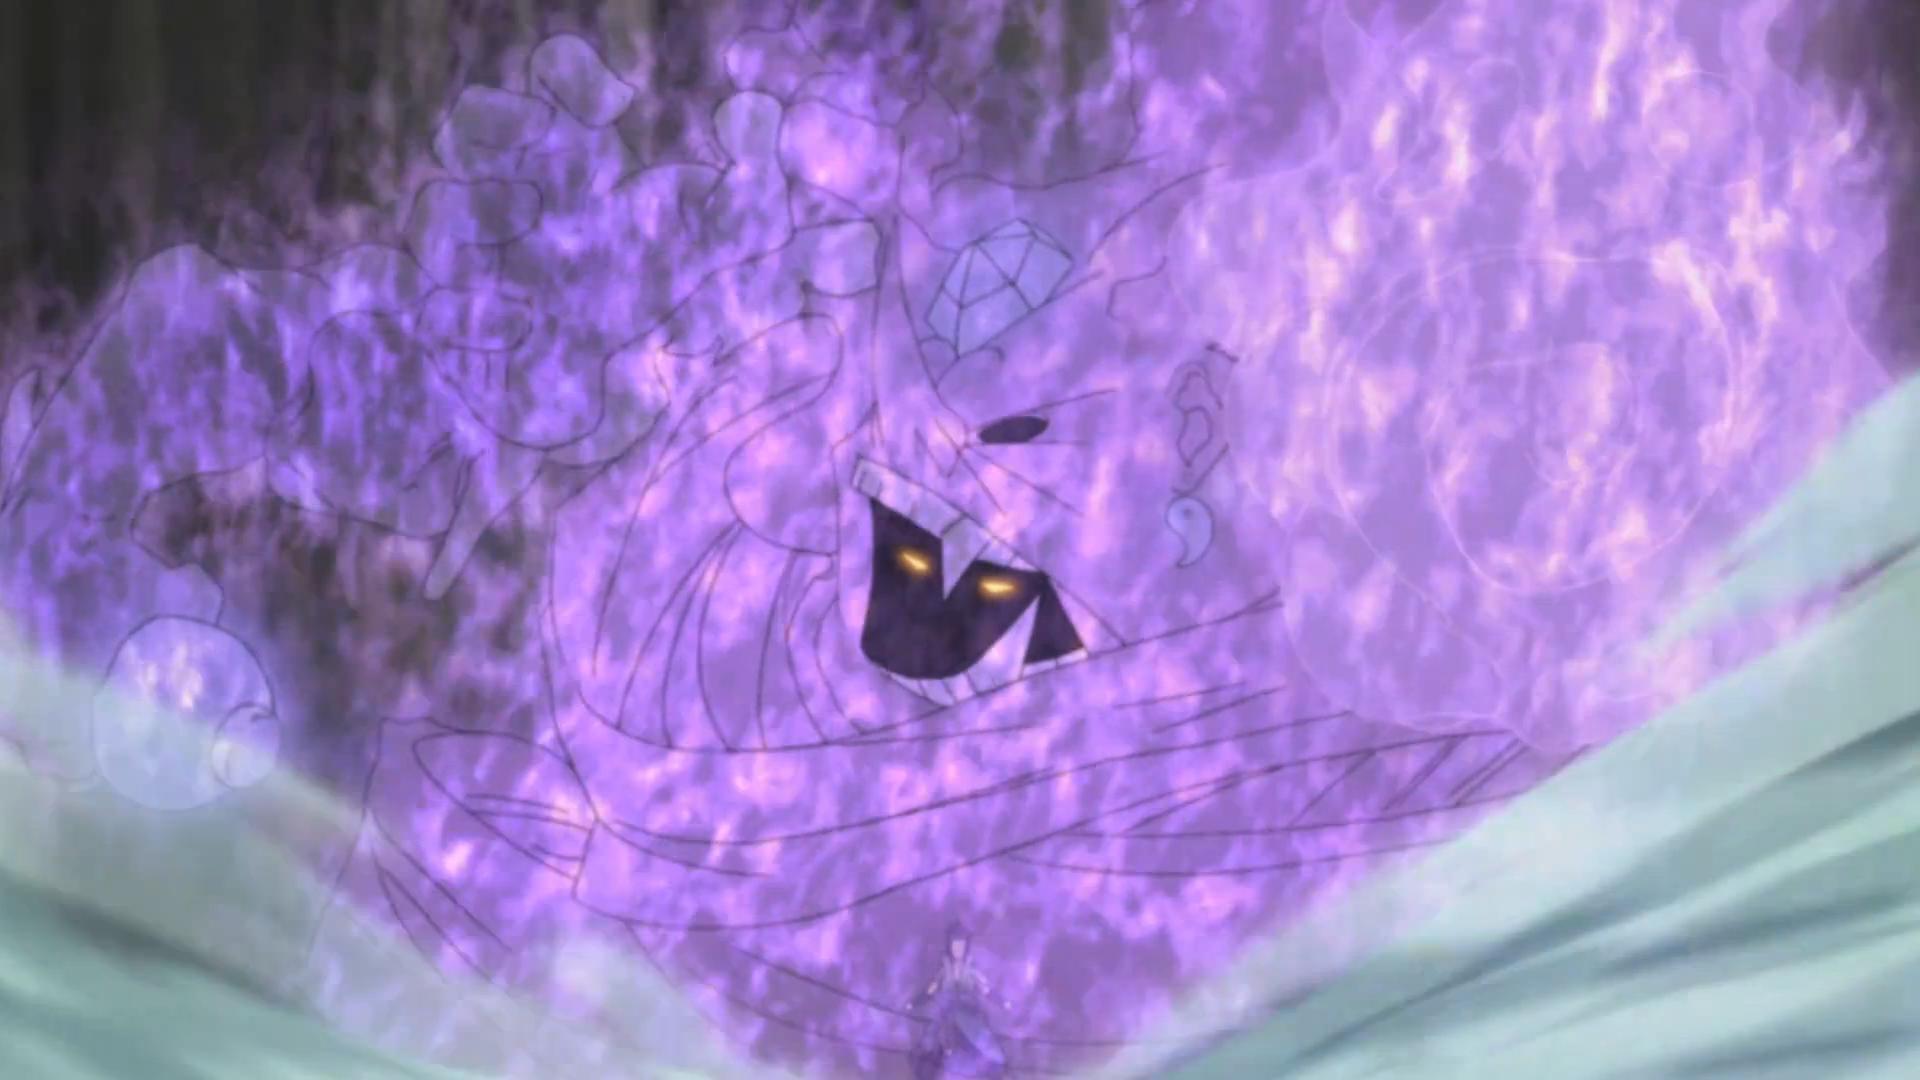 Naruto Shippuden Madara Uchiha Susanoo